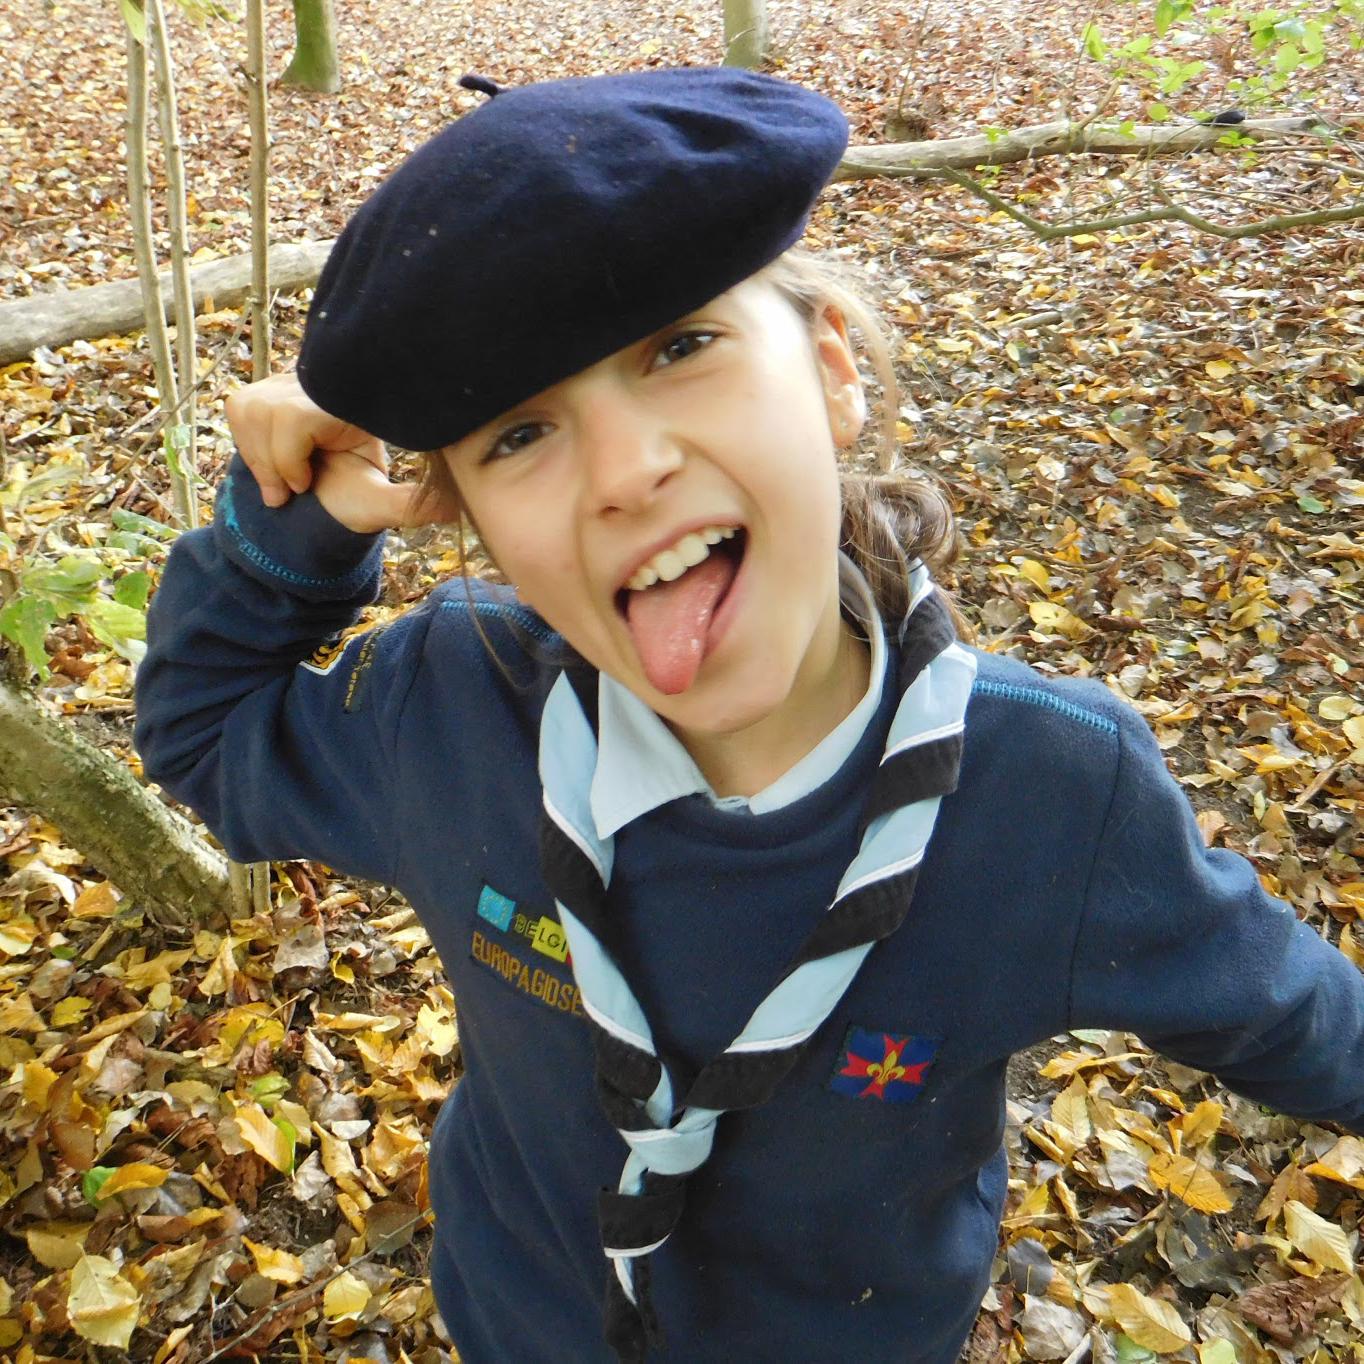 Bestel uniformonderdelen - •Uniform voor bevermeisjes en beverjongens•Uniform voor welpinnen en welpen•Uniform voor gidsen en verkennersVragen hierover? Contacteer Nele Van der Herten.